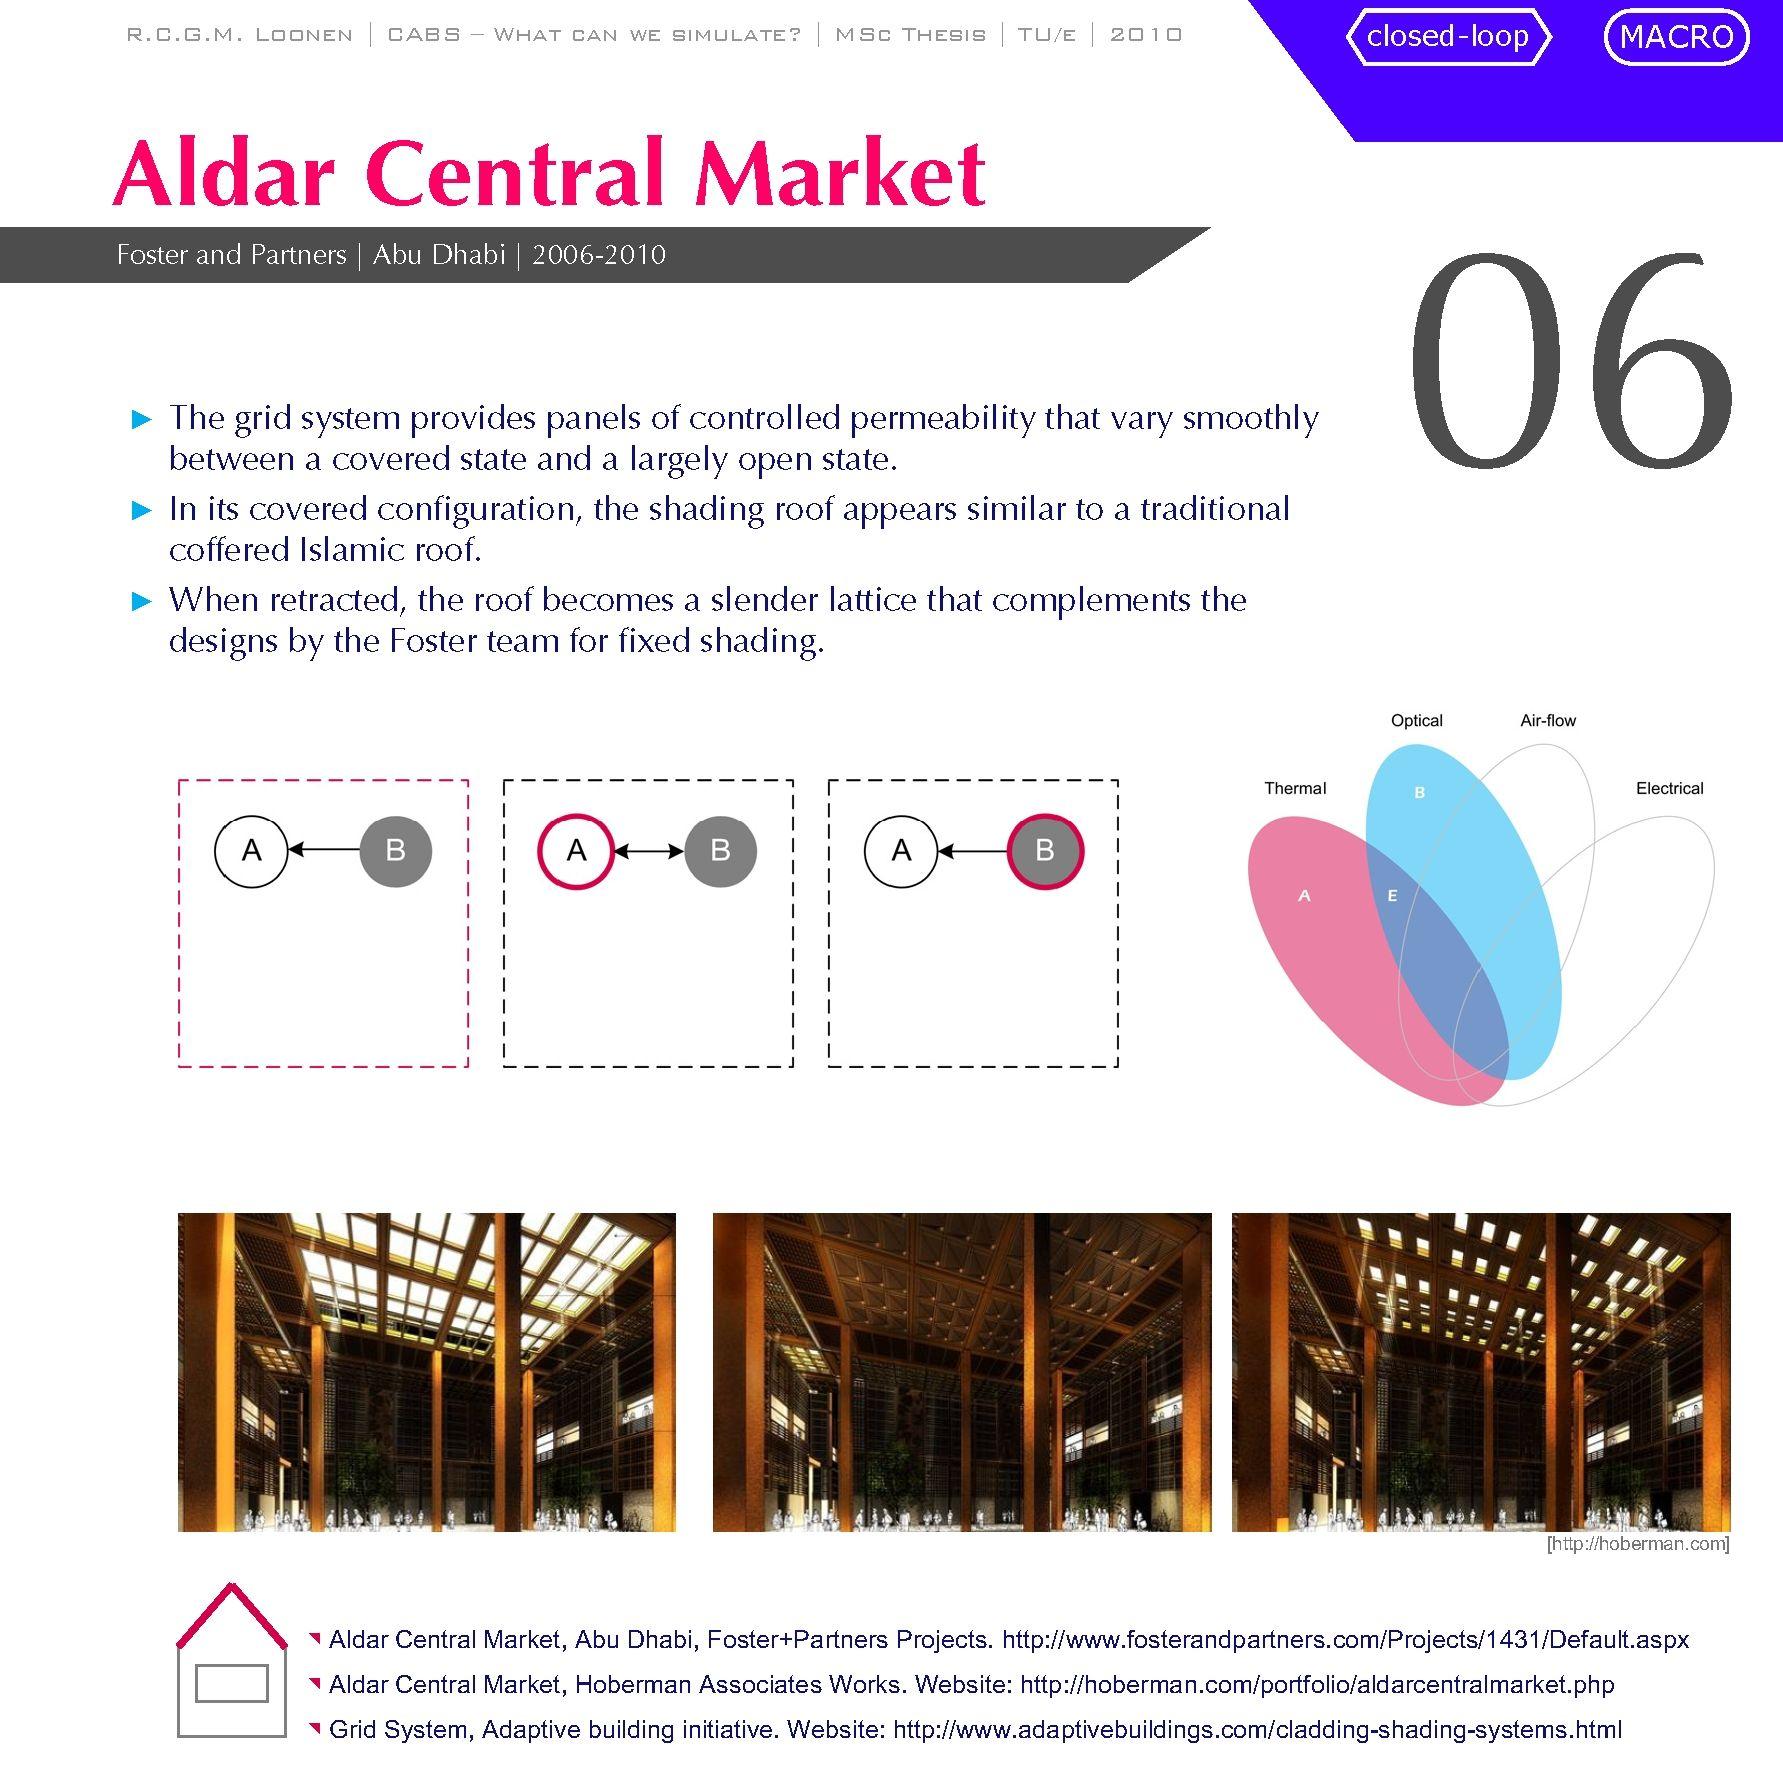 Aldar Central Market